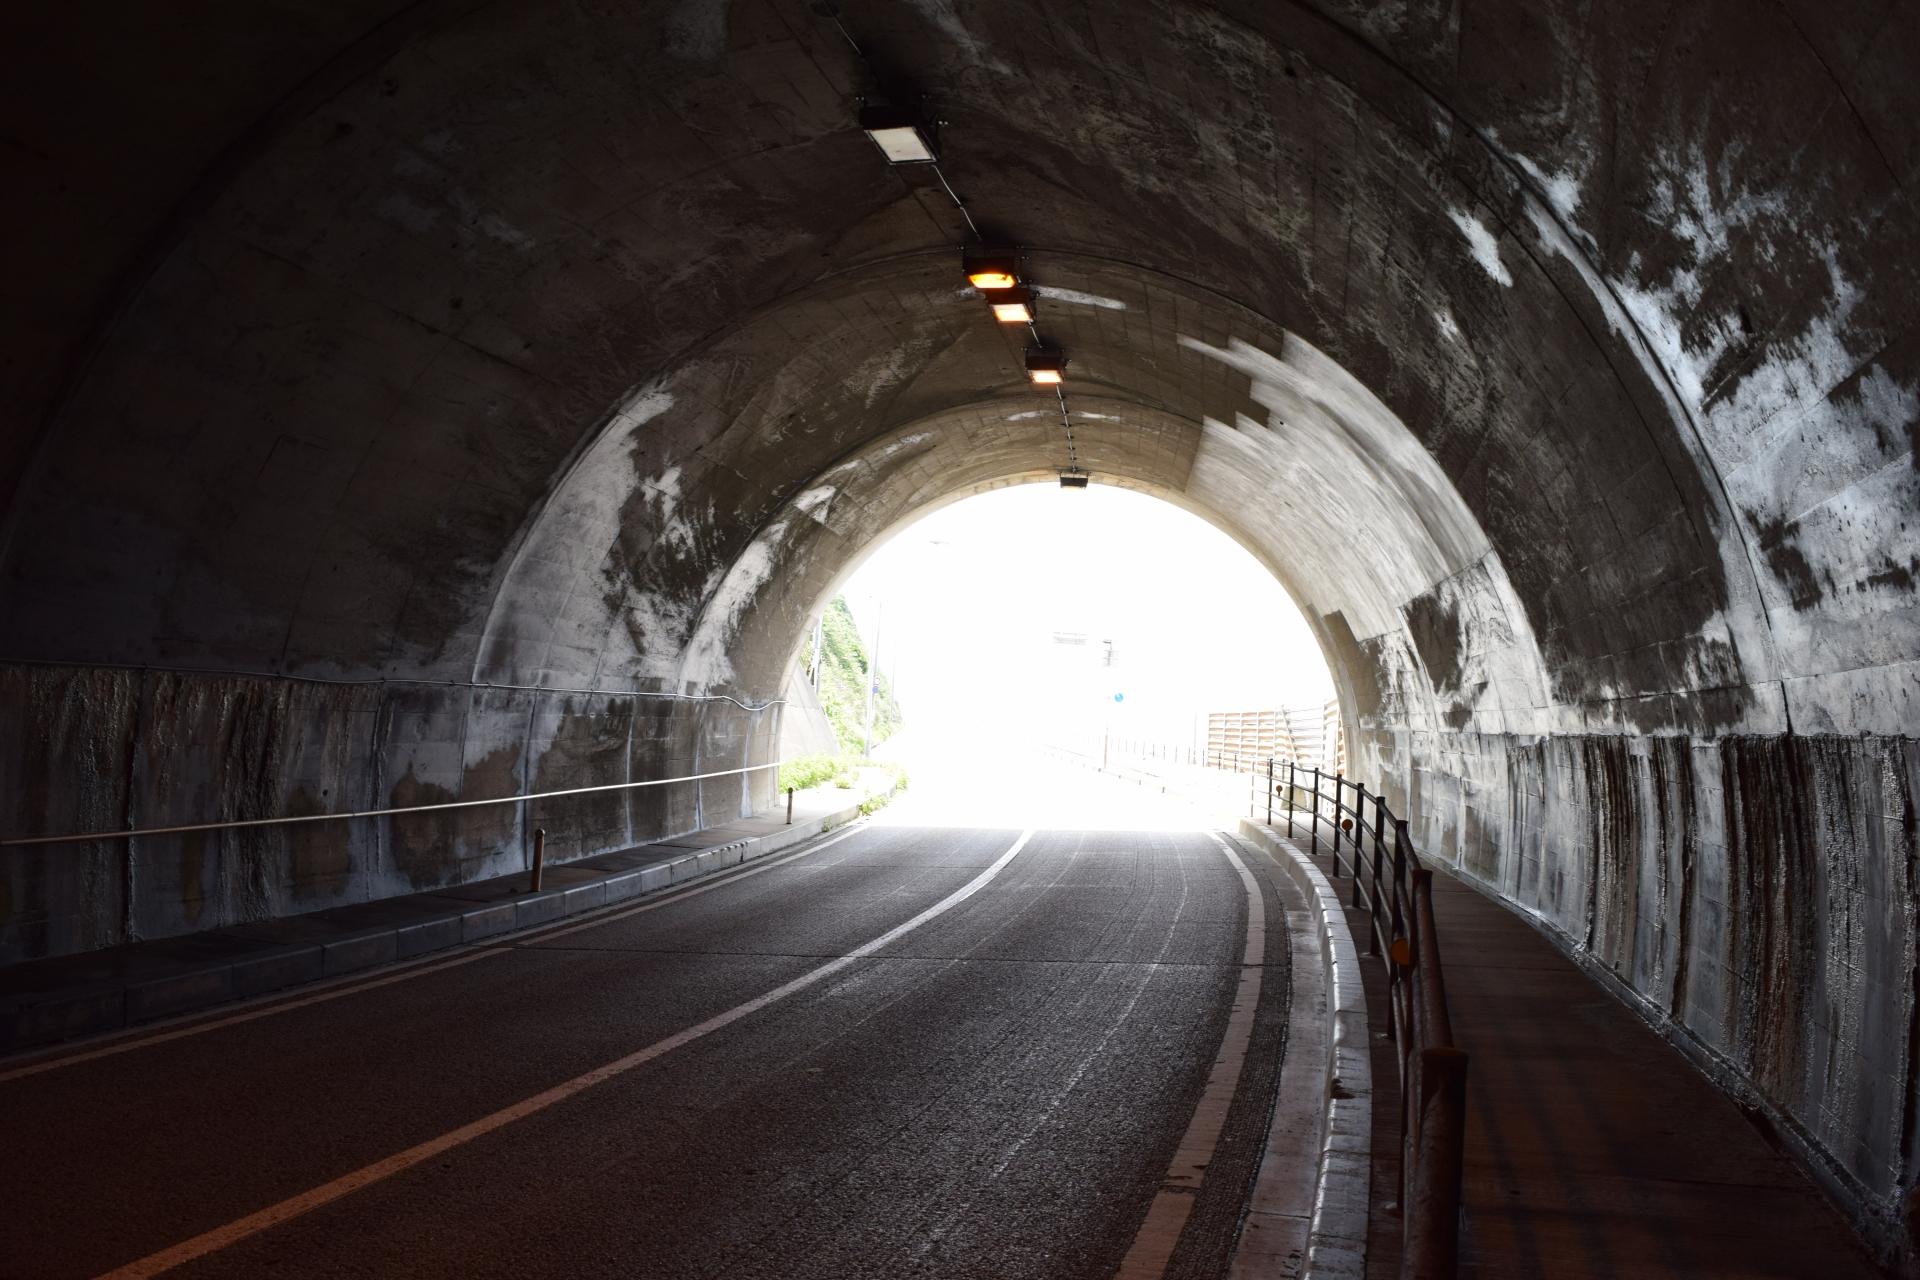 神奈川「小坪トンネル」は有名な心霊スポット!驚愕の体験談も!